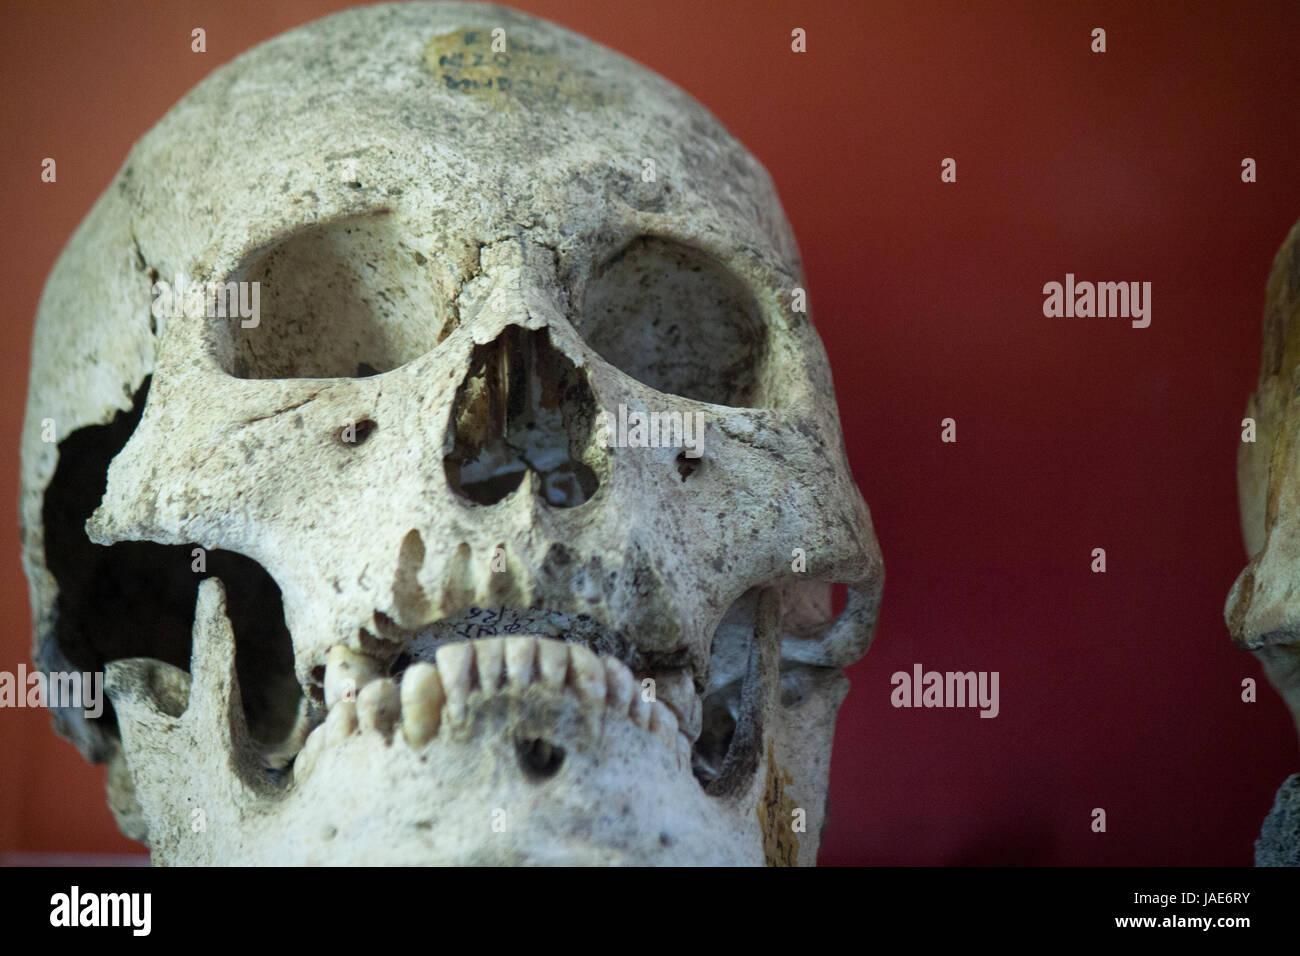 Ausgezeichnet Menschliche Anatomie Reale Abbildungen Ideen ...